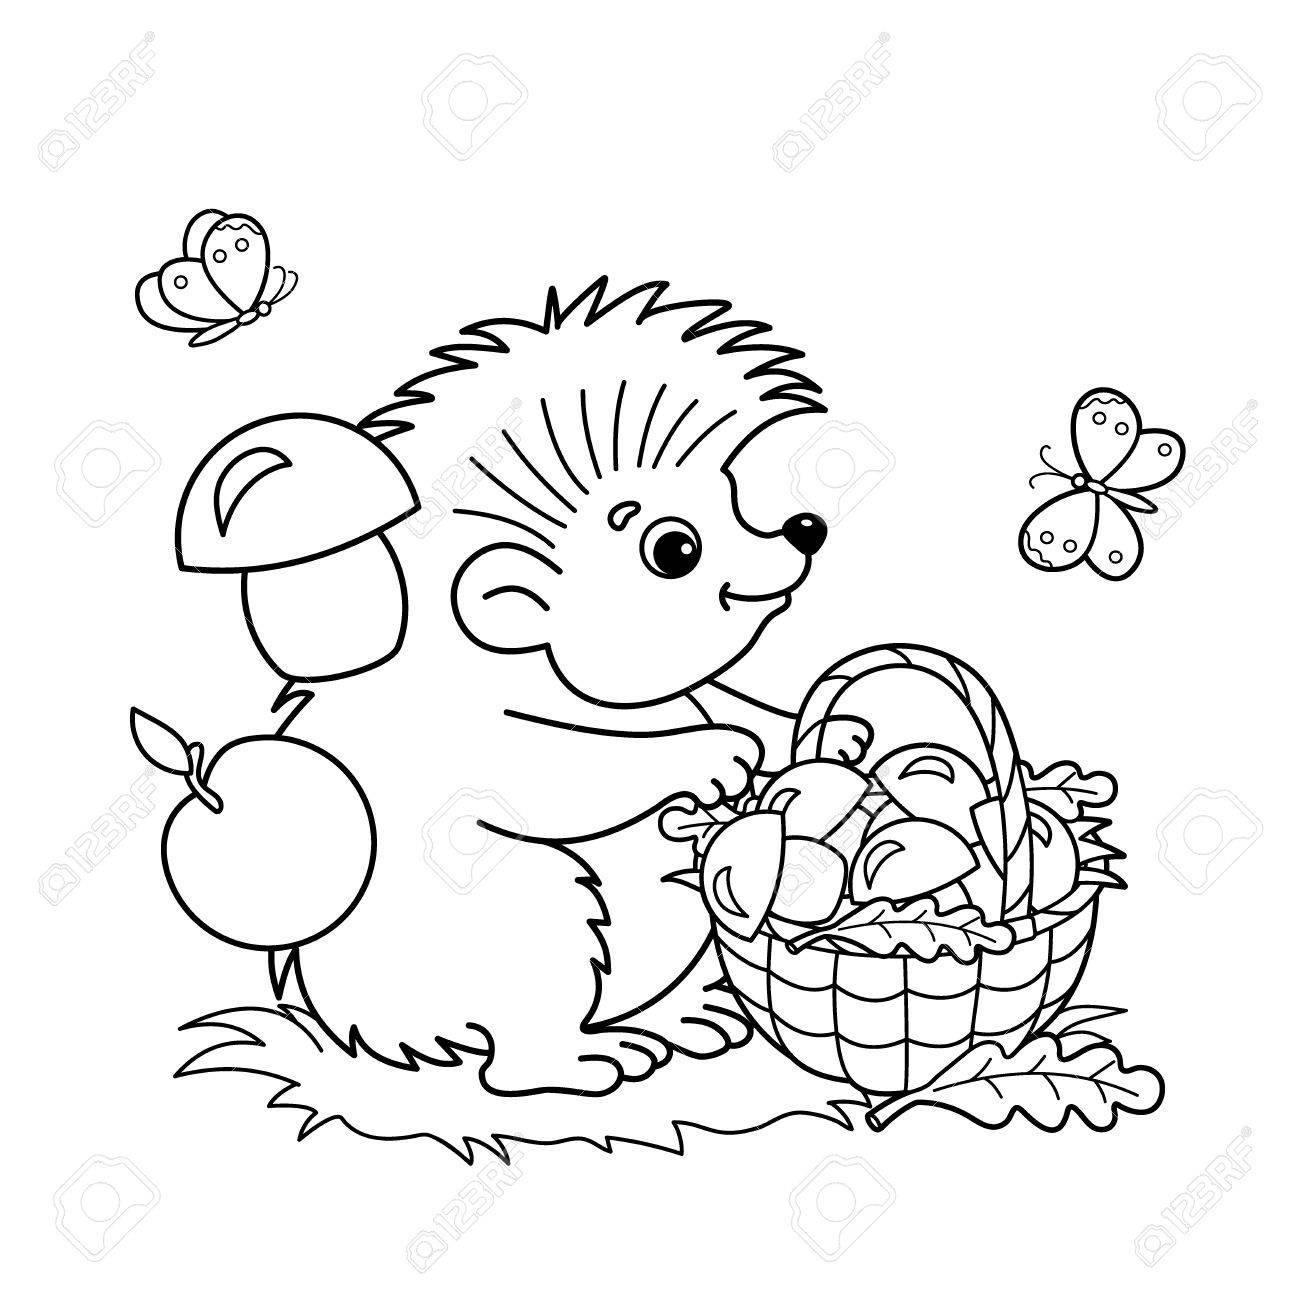 dibujo para colorear esquema de dibujos animados erizo con cesta de setas en el prado con